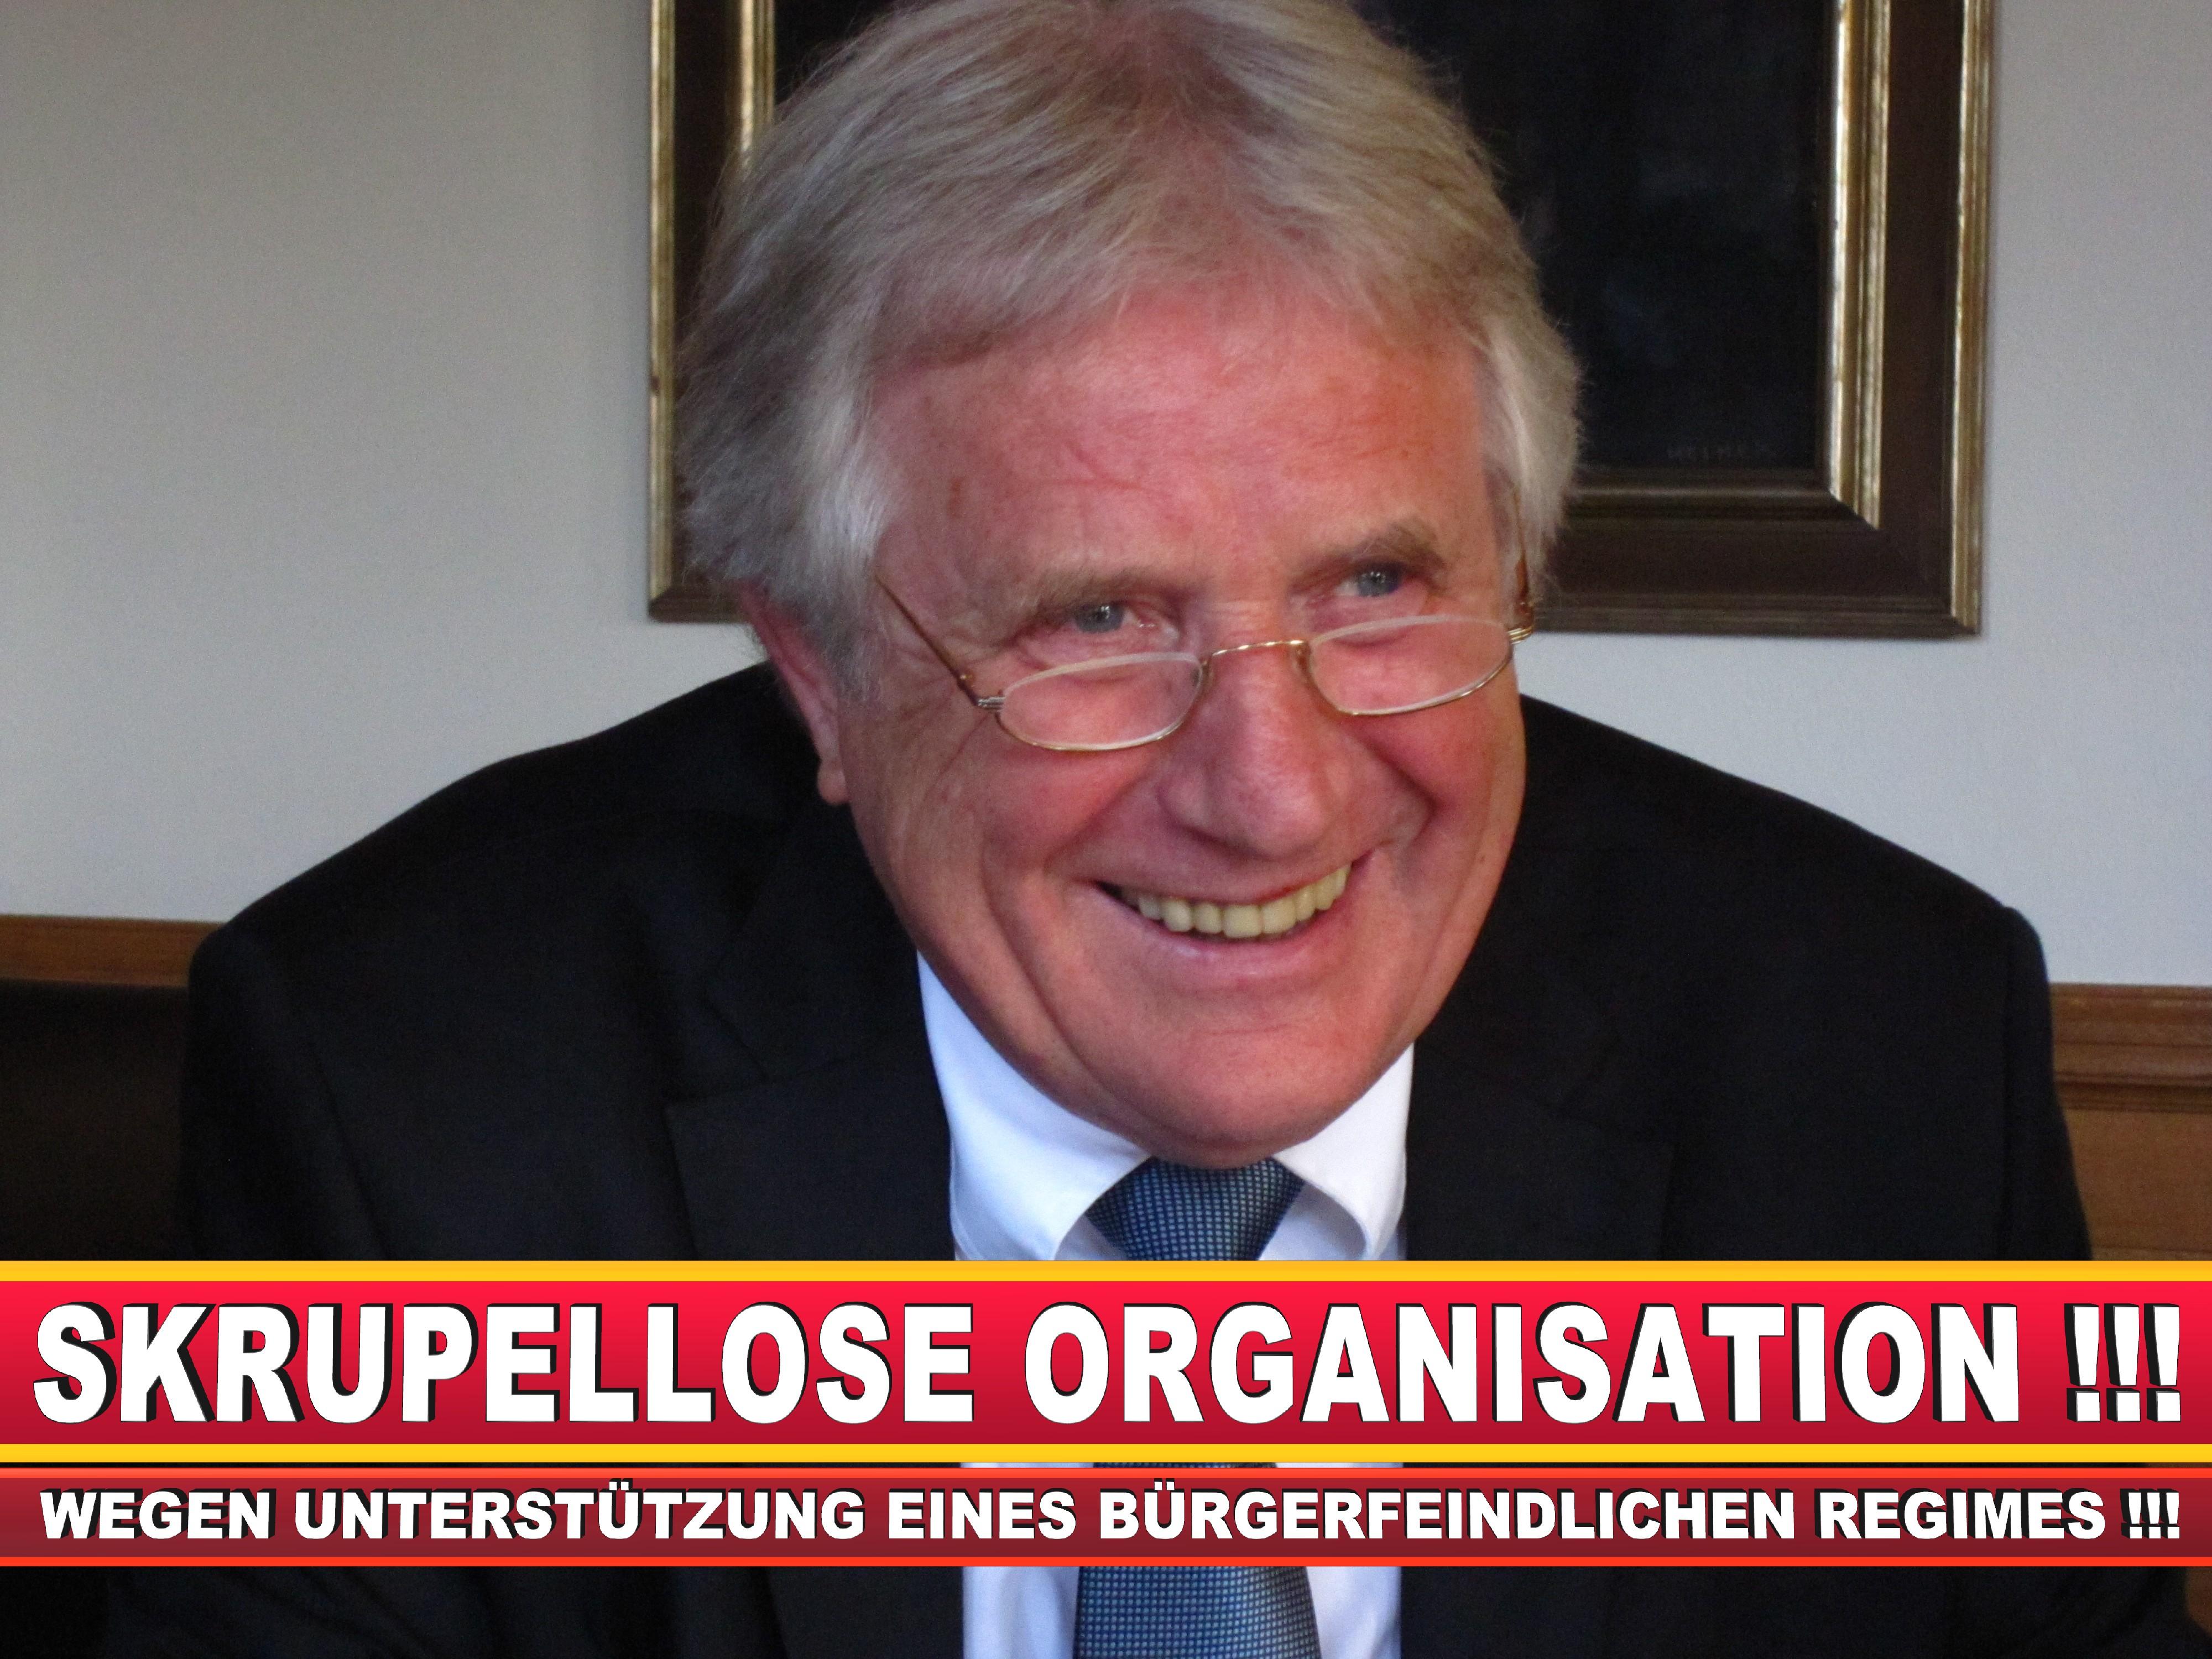 Polizeipräsident Erwin Südfeld Bielefeld Oberbürgermeister Bürgermeister Peter Clausen Pit Clausen Bielefeld (59)